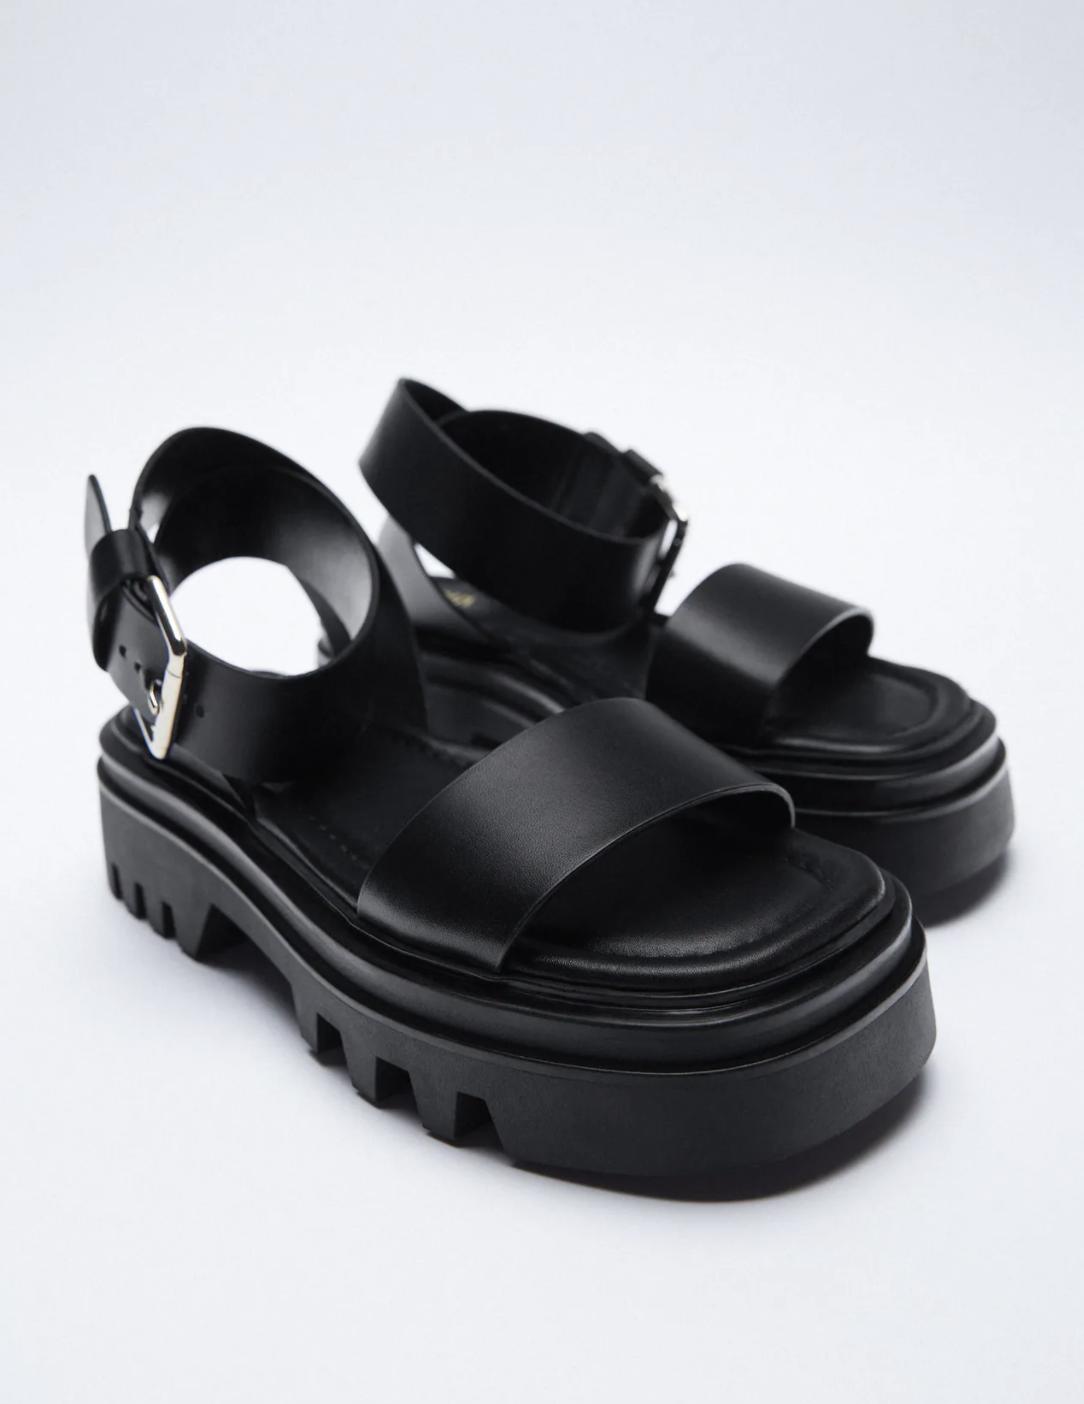 Tậu sandal đế độn hot trend thôi các nàng, vừa hack dáng cao ráo vừa cool bá cháy - Ảnh 9.